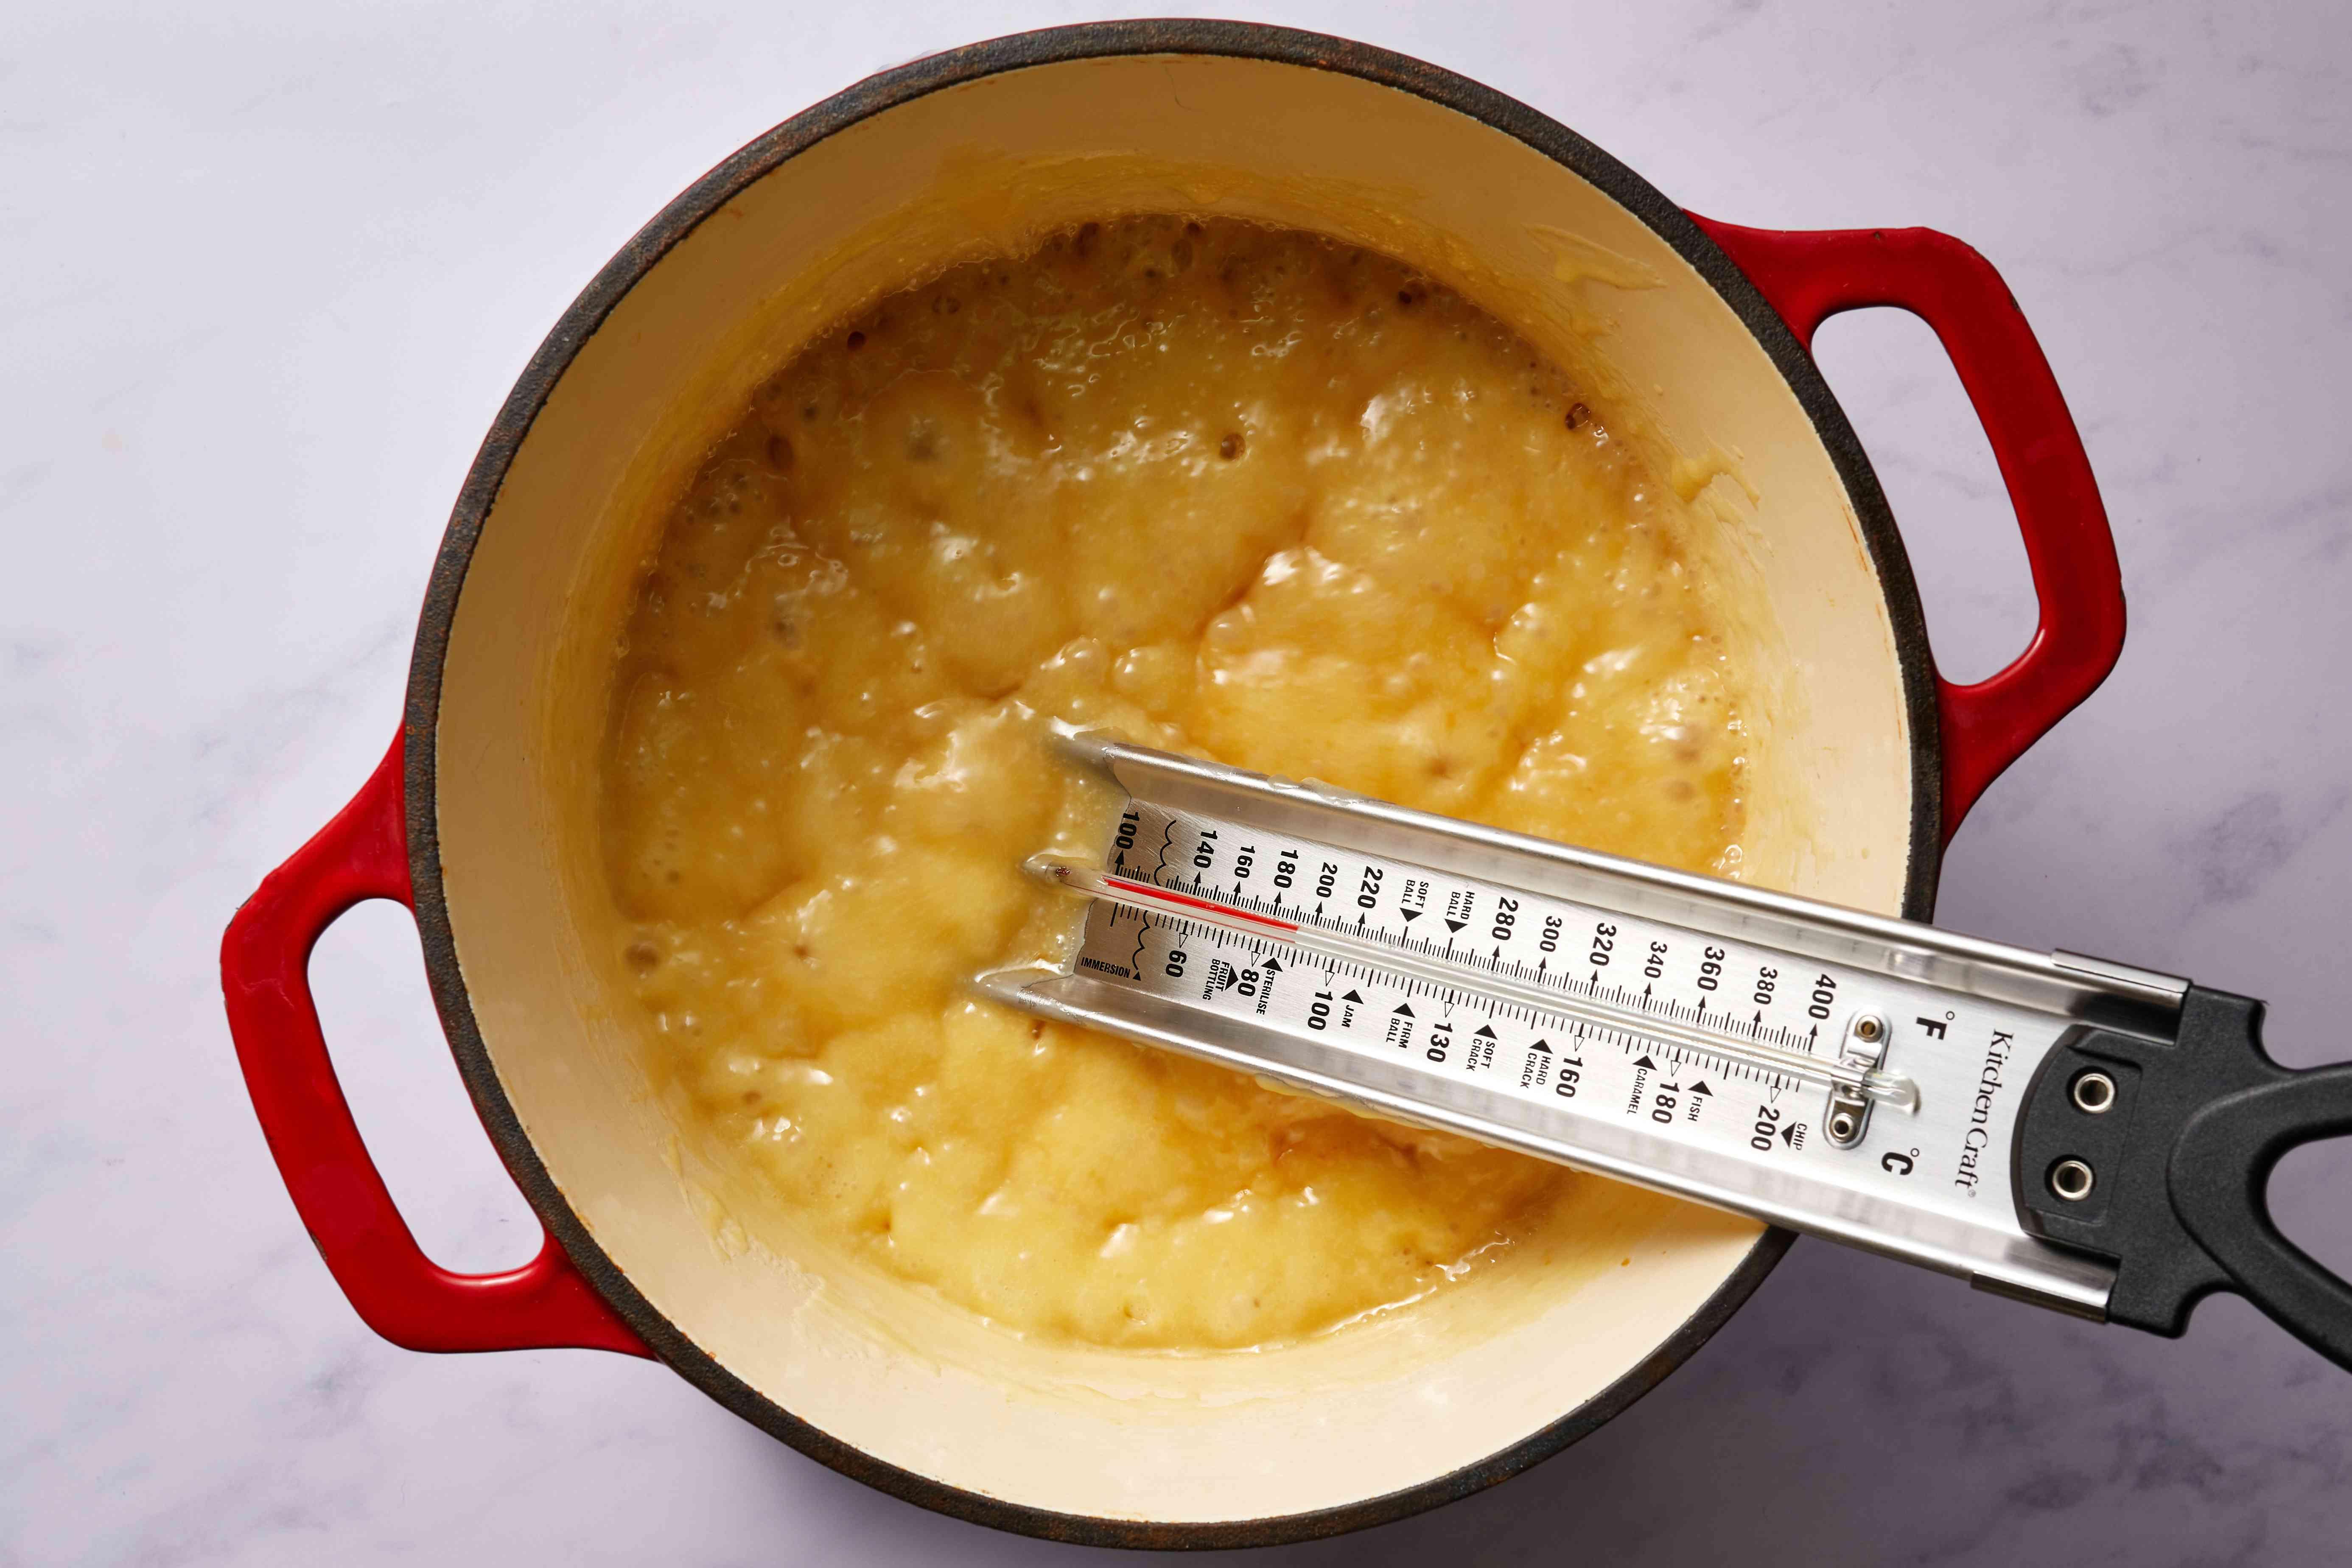 butter mixture cooking in a saucepan